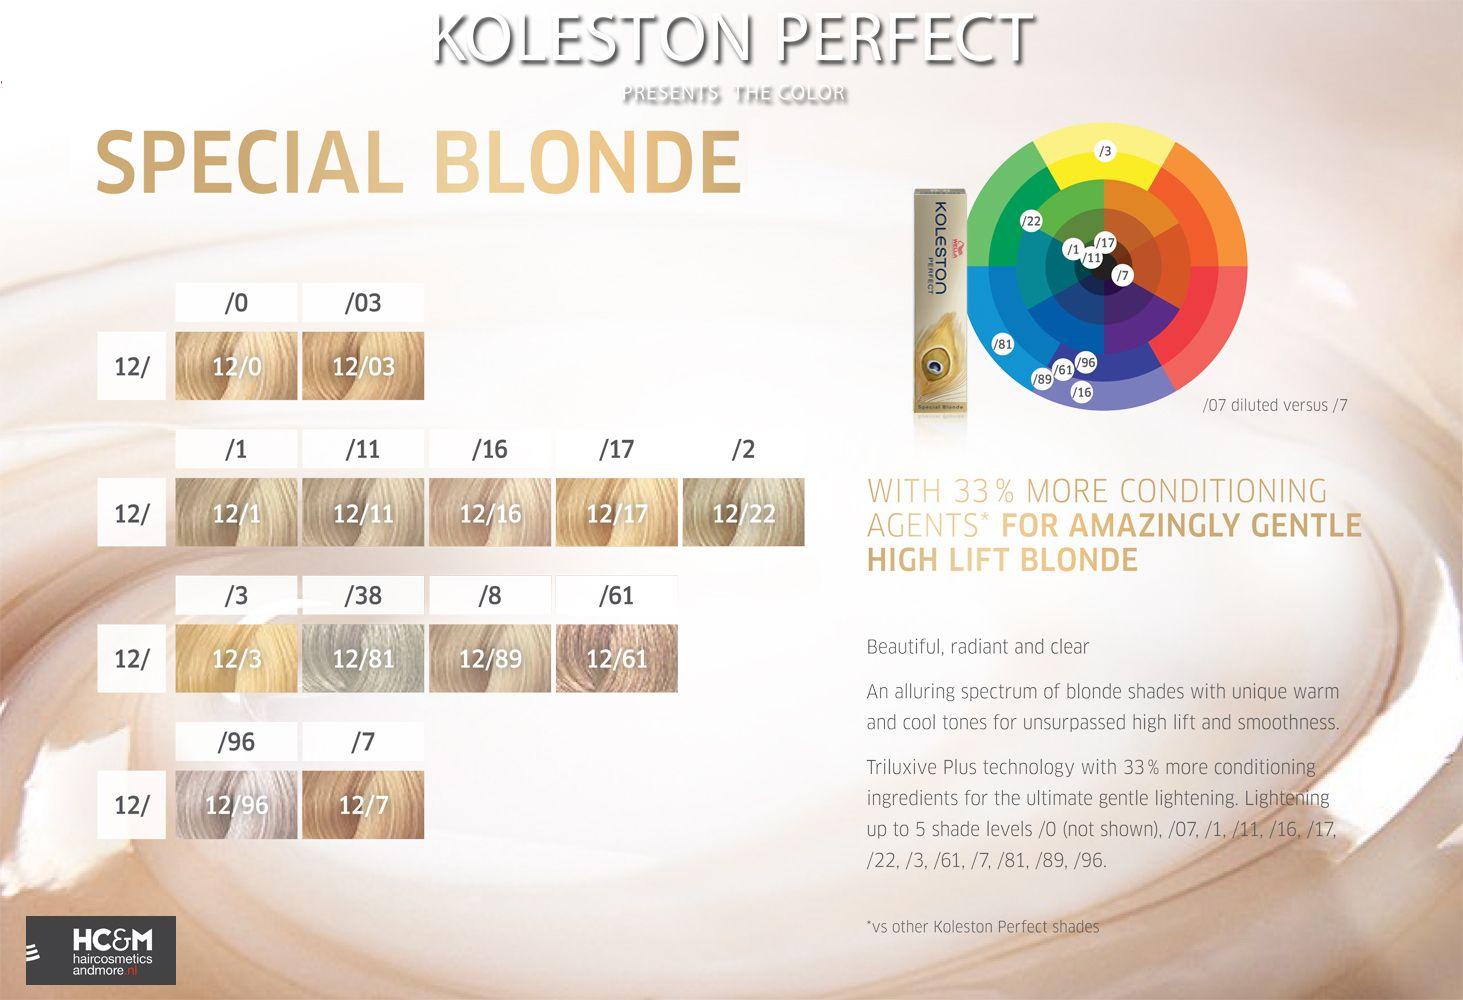 Wella Professionals Koleston Perfect Presents The Color Special